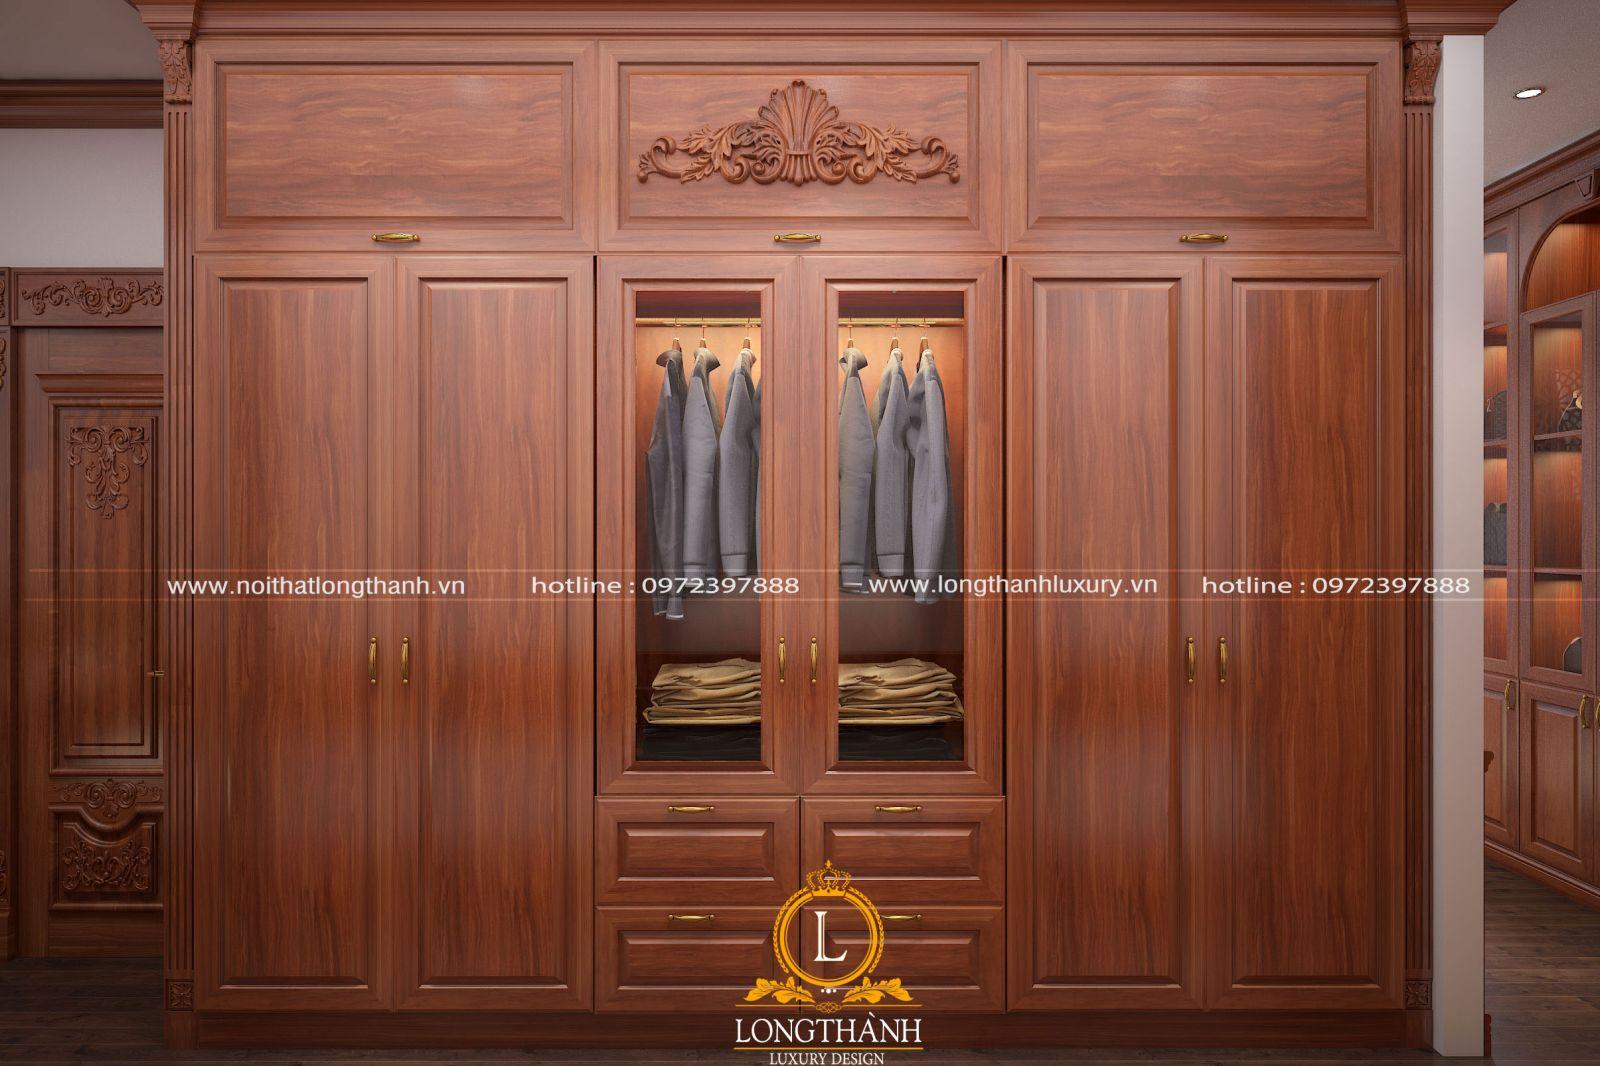 Những mẫu tủ áo tân cổ điển sang trọng tại nội thất Long Thành